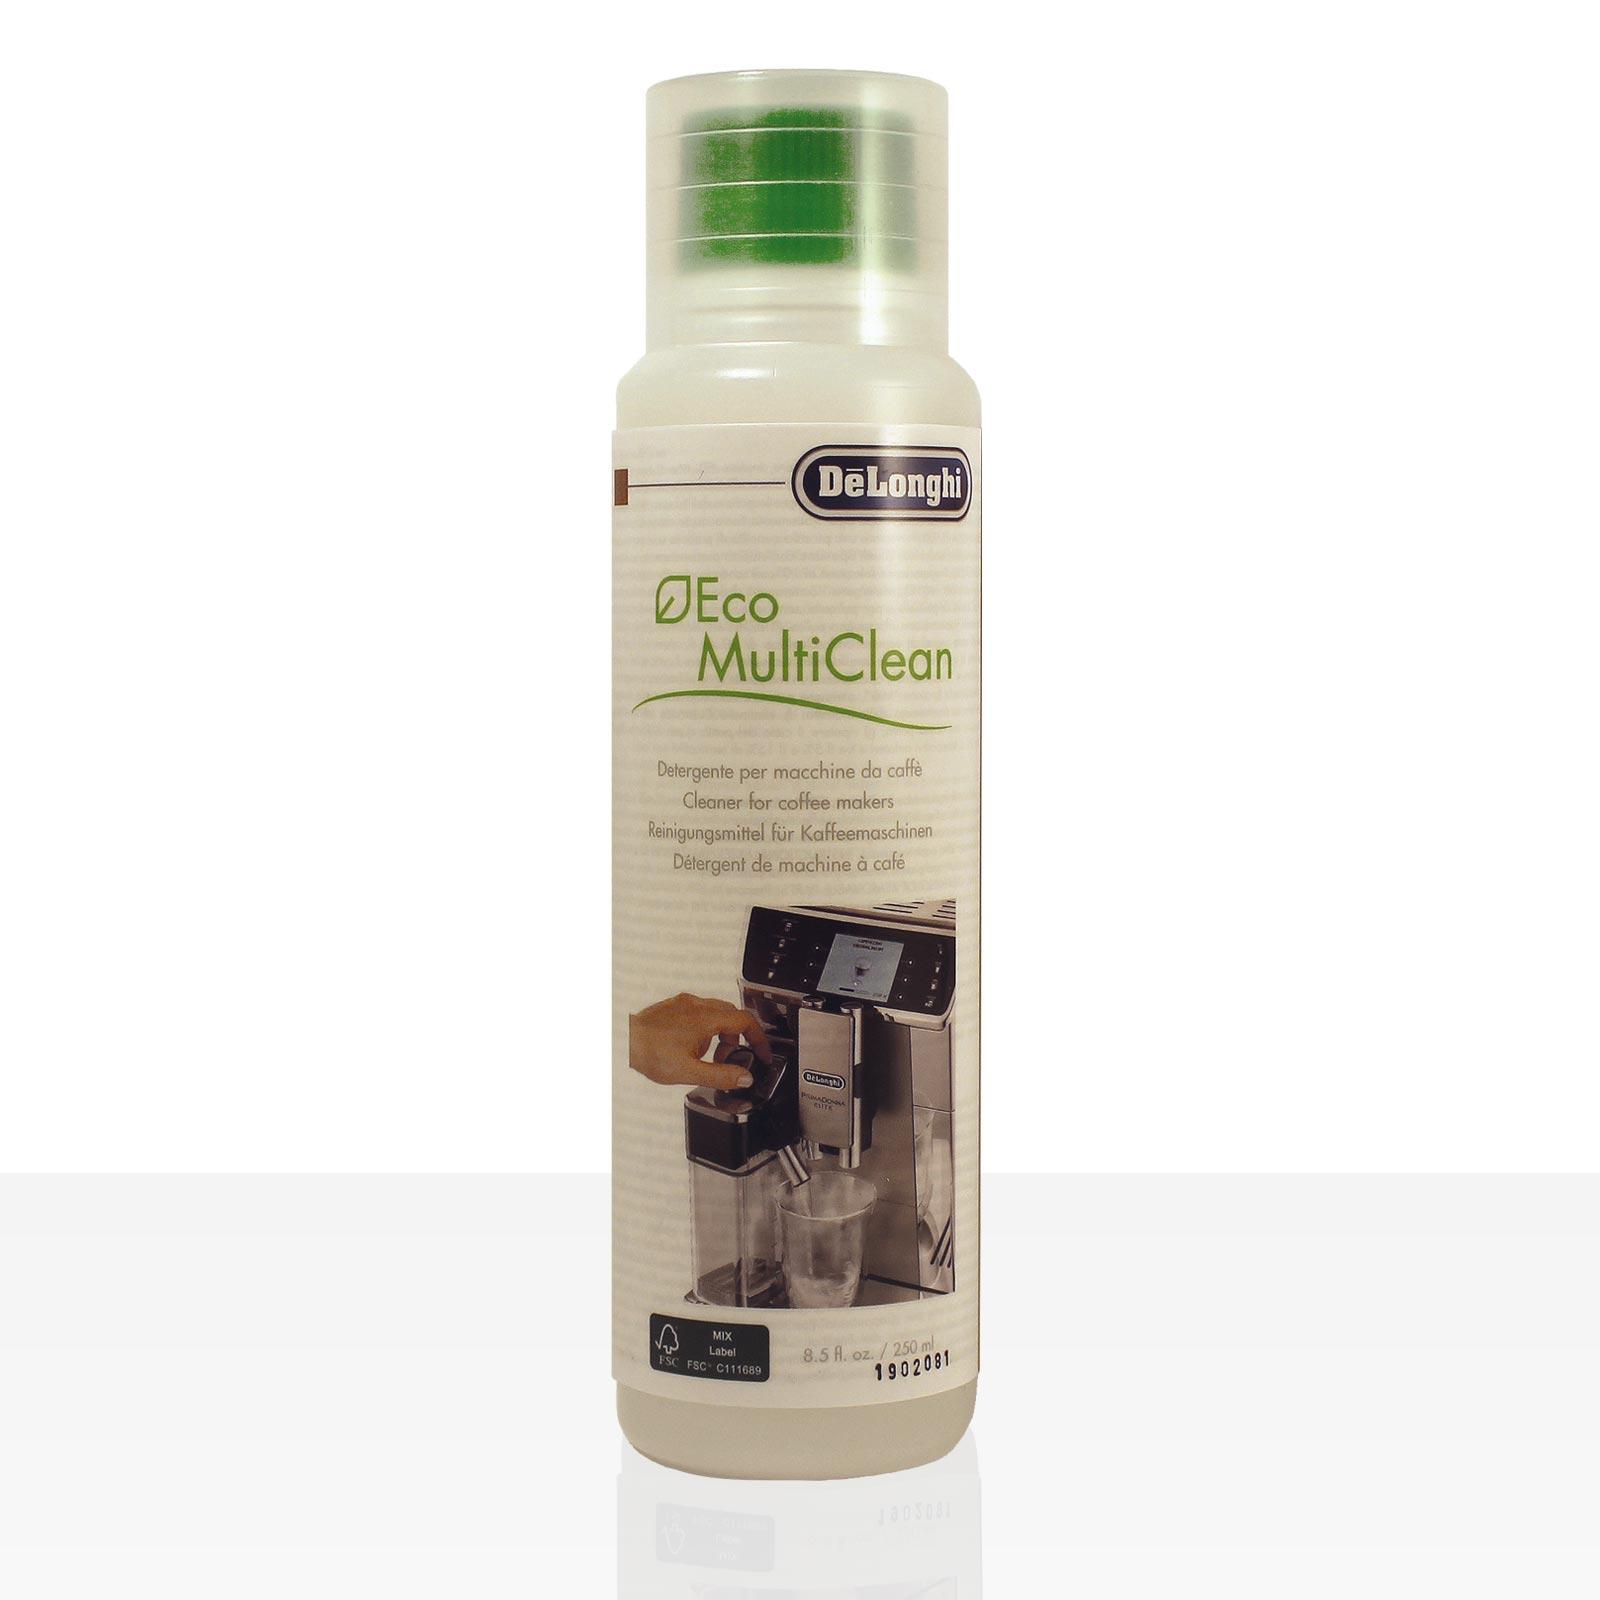 DeLonghi Eco Multi Clean 250ml, Reinigungsmittel für Kaffeemaschinen